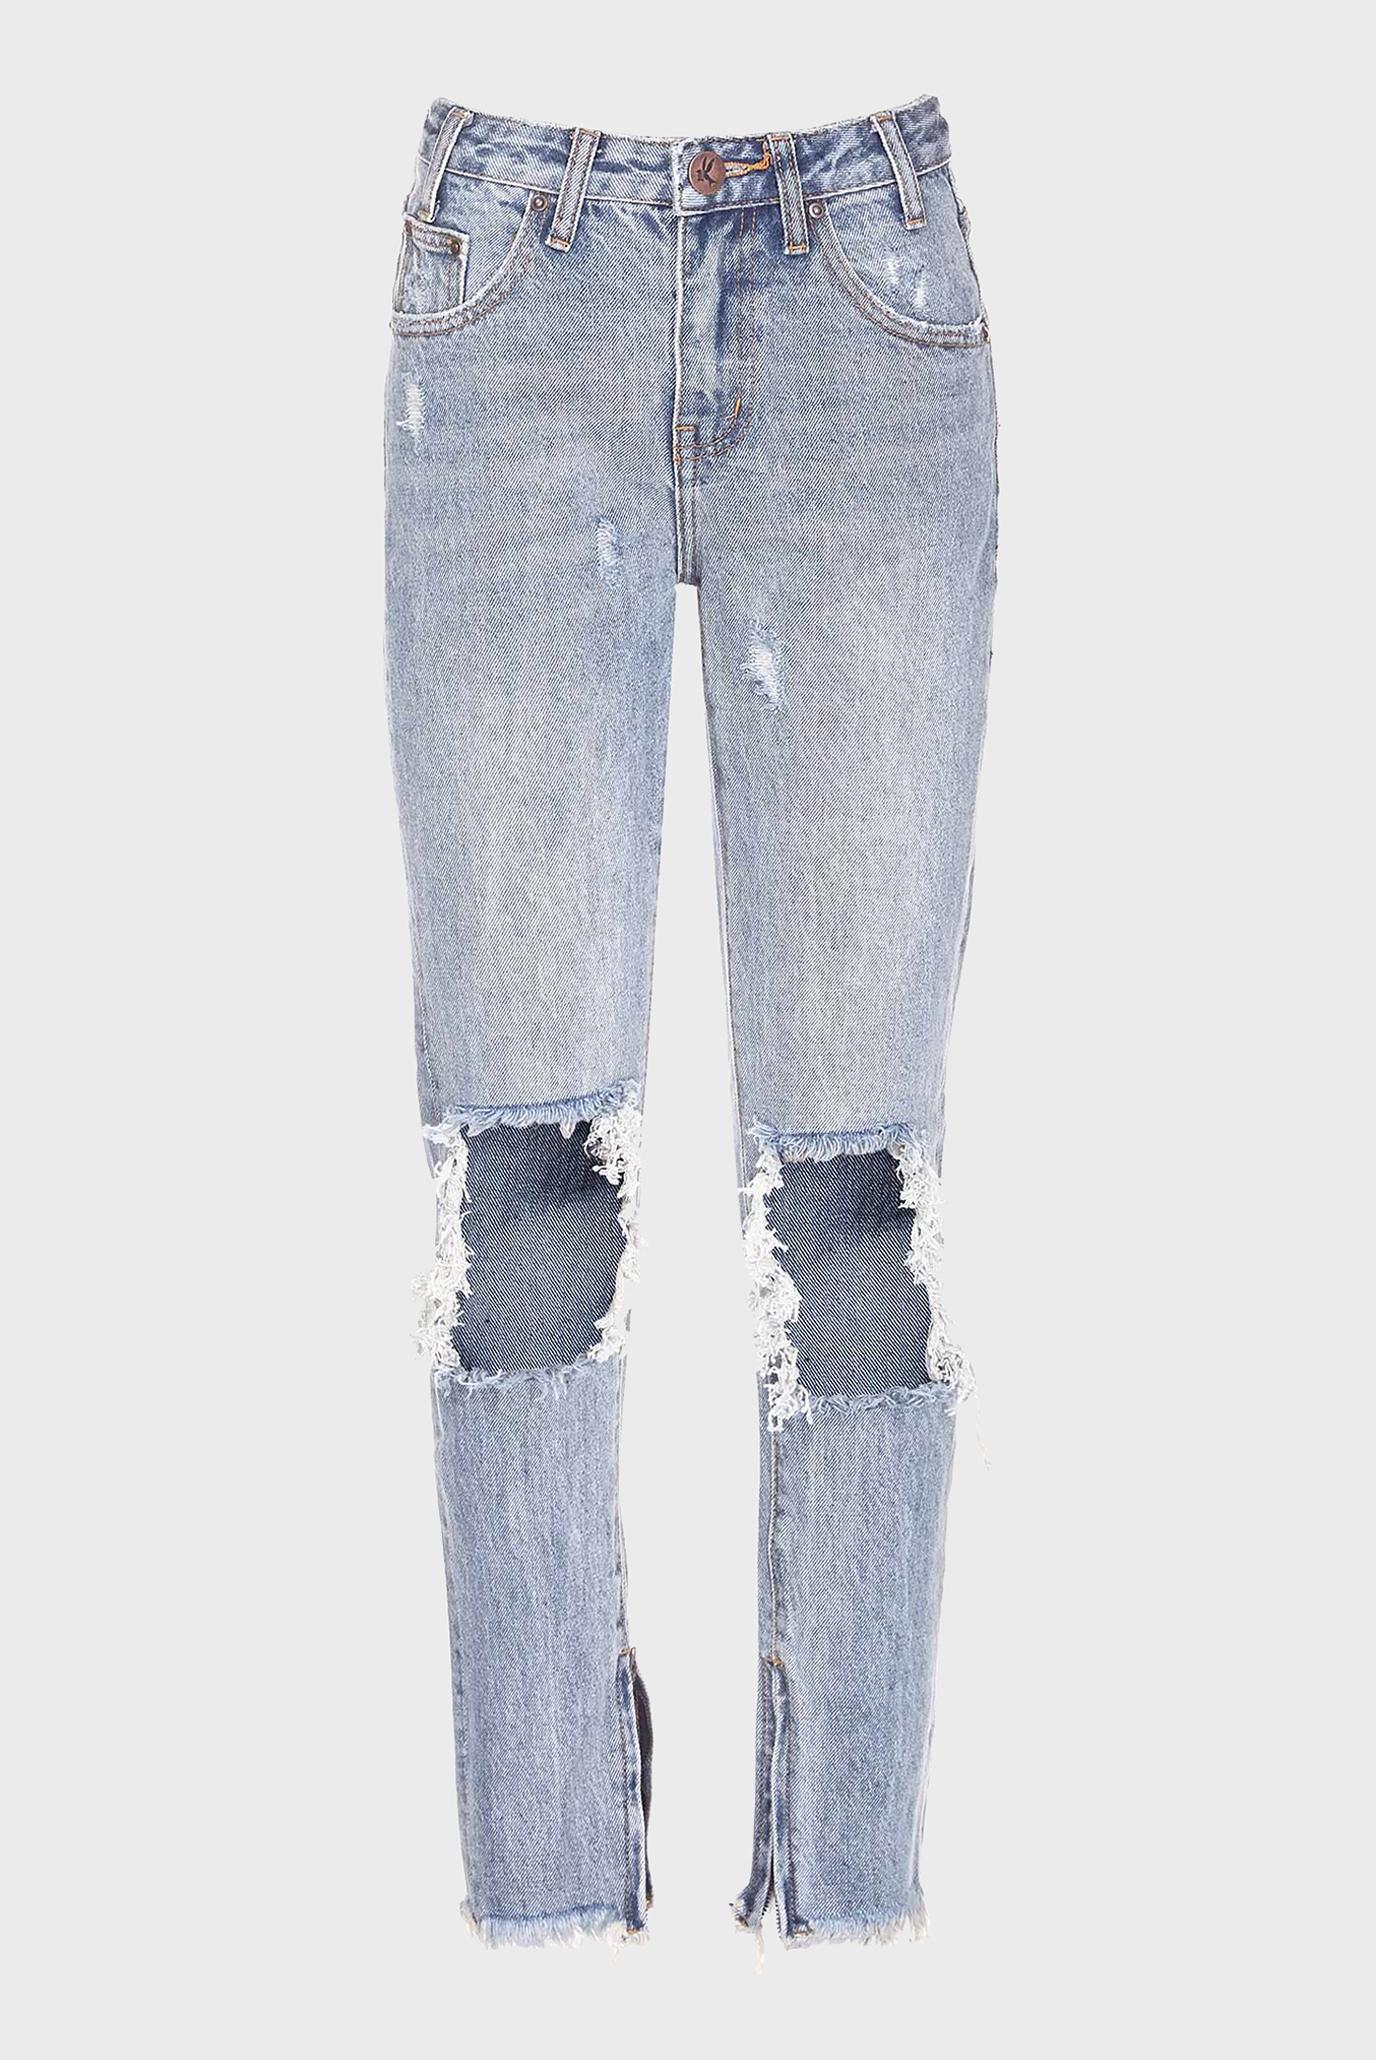 Купить Женские голубые джинсы HIGH WAIST FREEBIRDS One Teaspoon One Teaspoon 19488 – Киев, Украина. Цены в интернет магазине MD Fashion